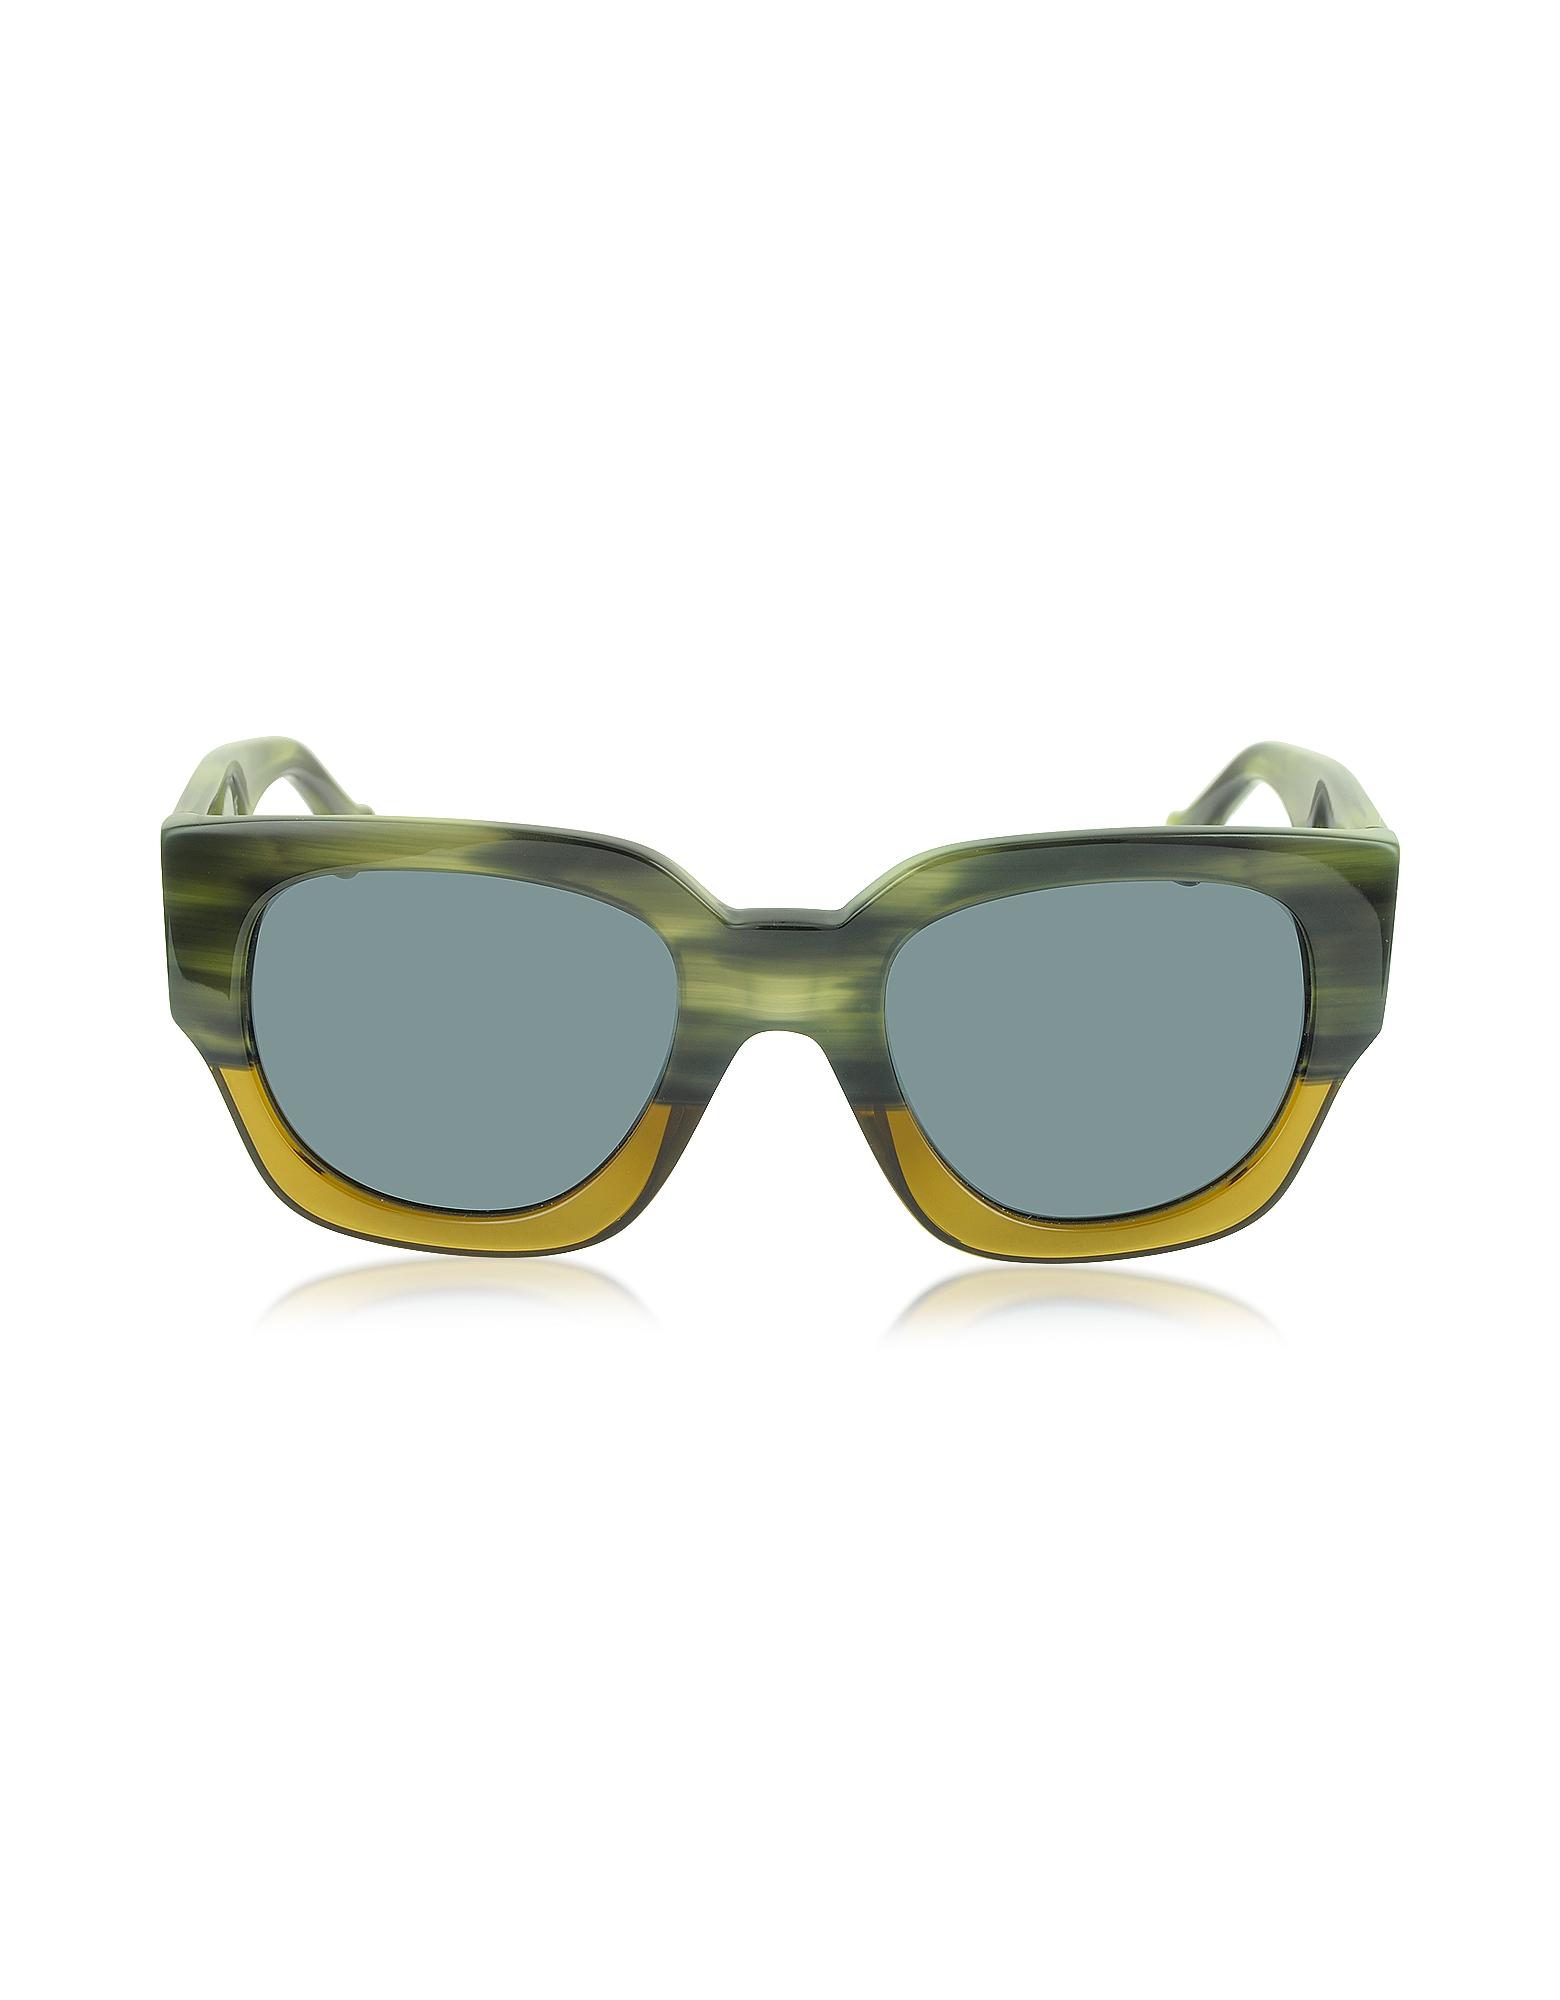 BA0011 65V - Женские Солнечные Очки в Зелено-Желтой Оправе из Ацетата